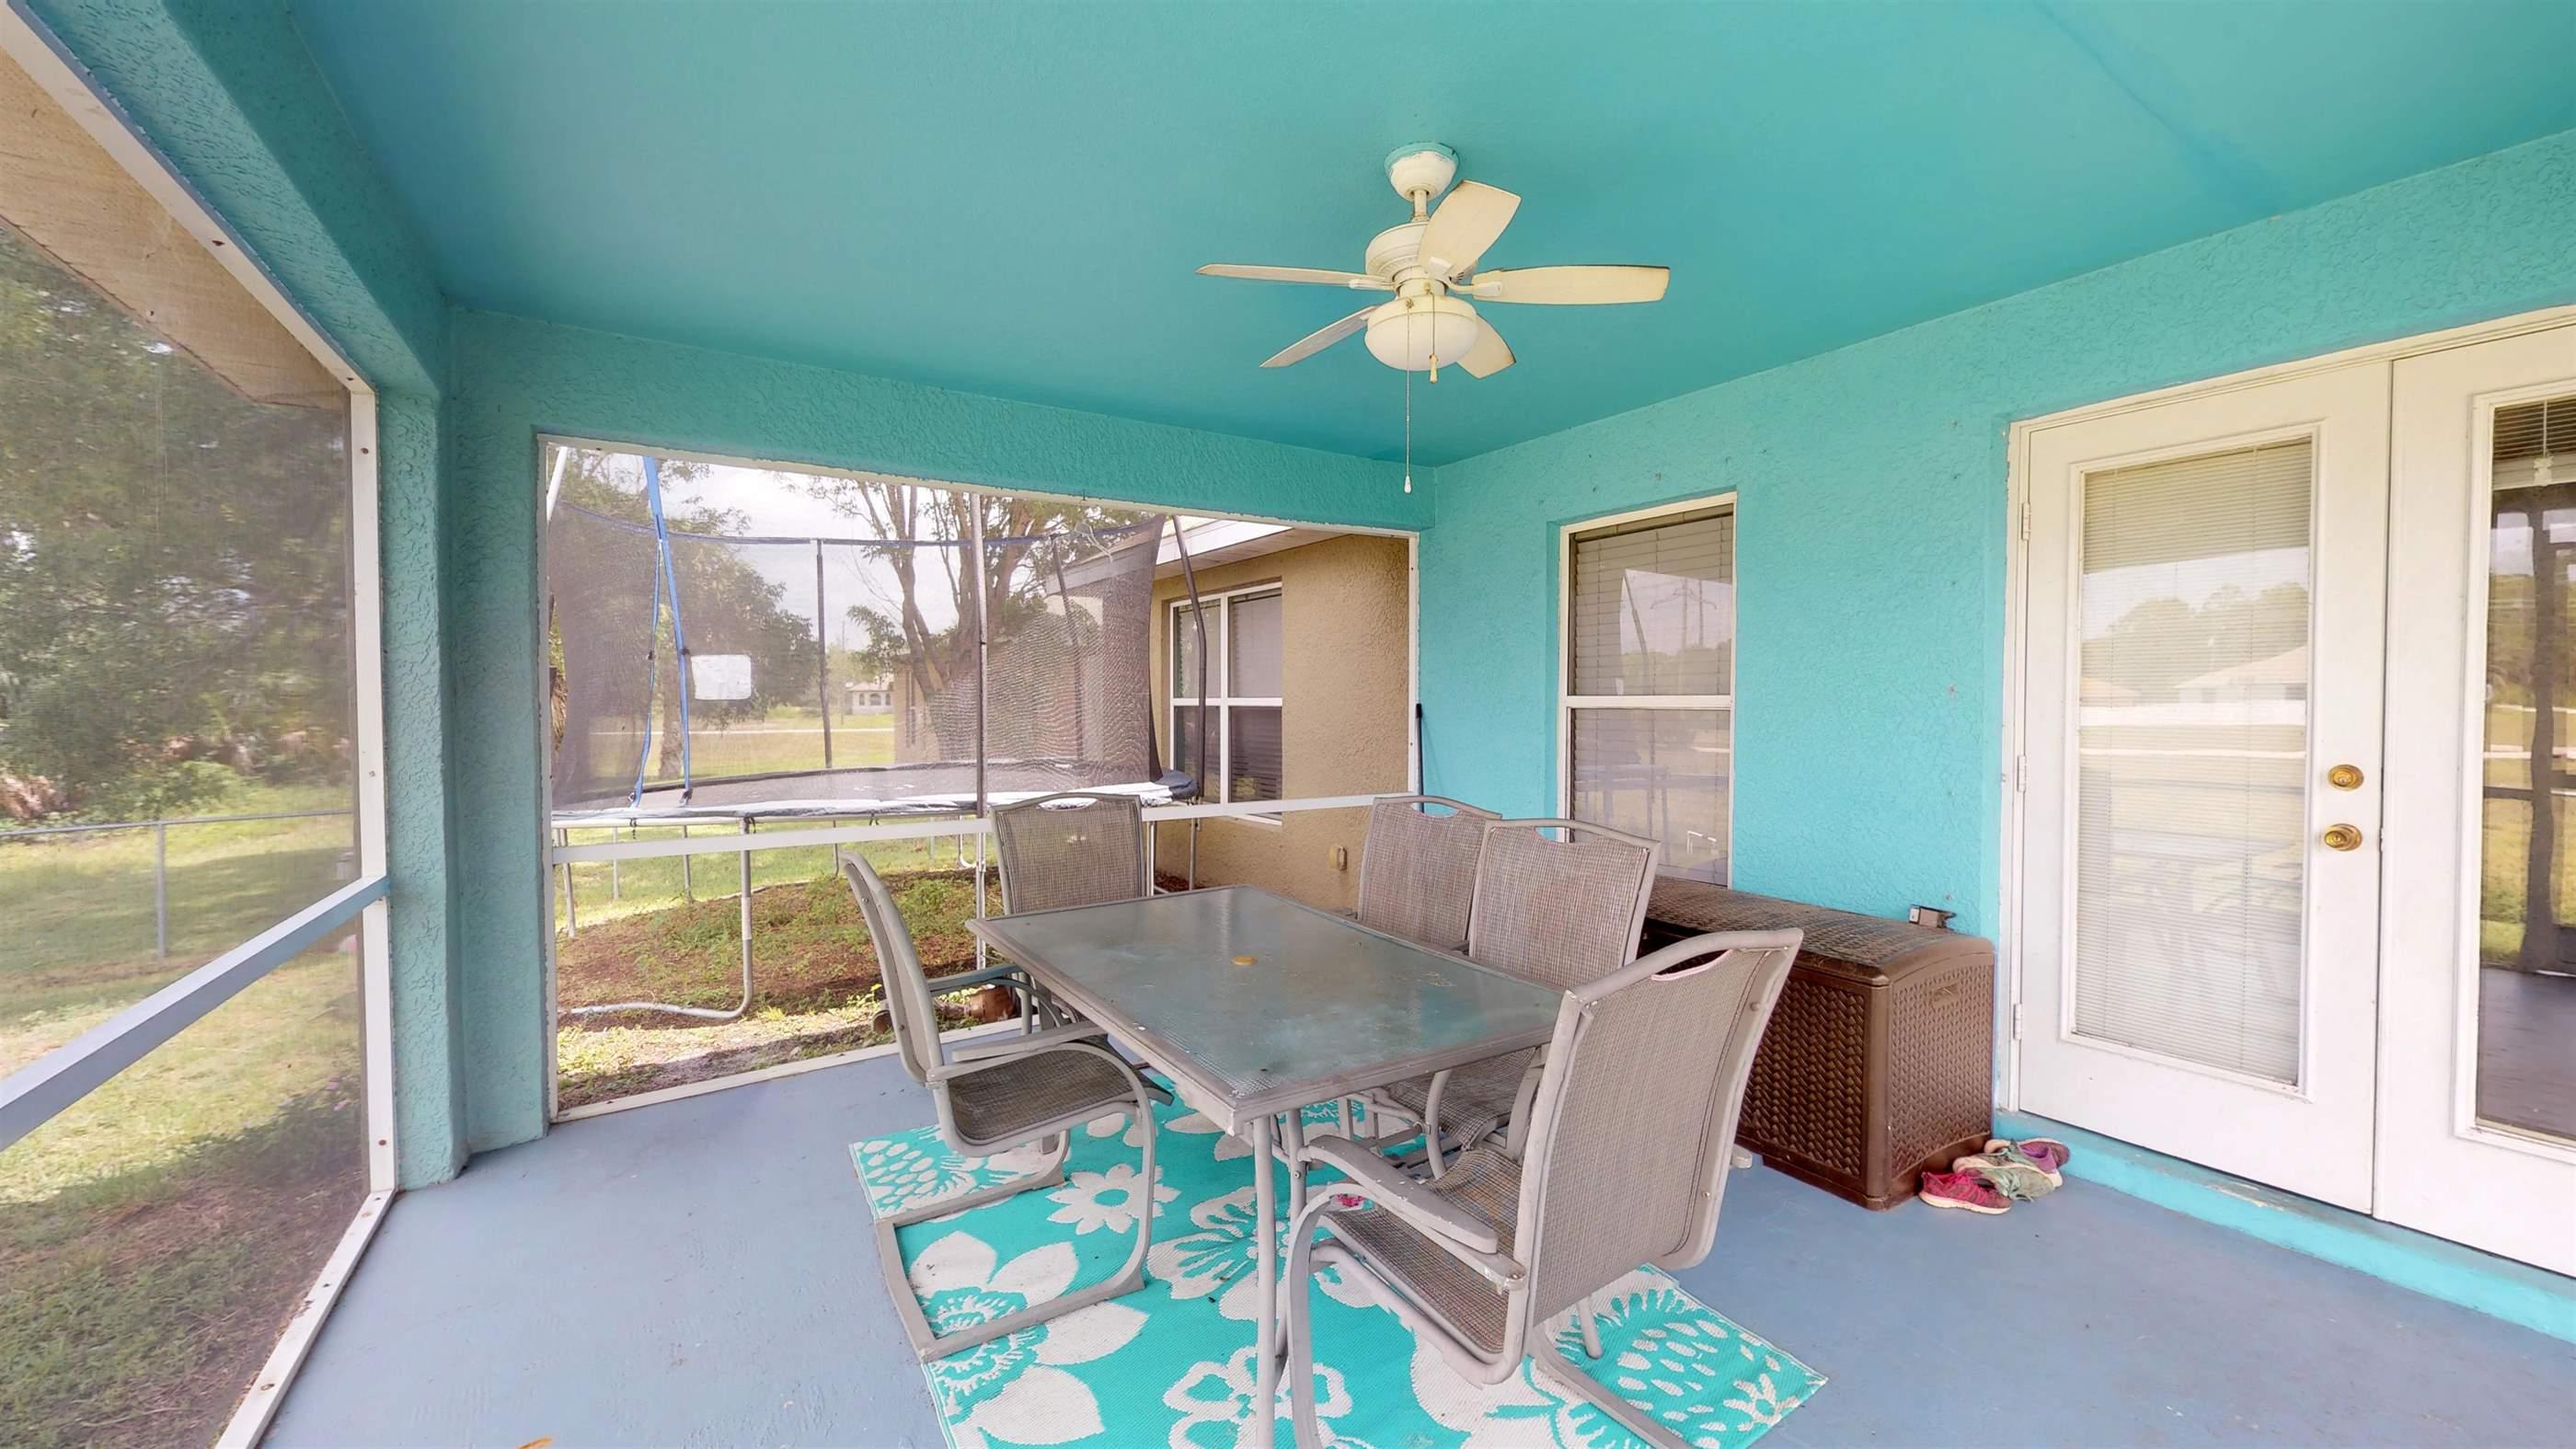 3400 NE 9th Ave, Cape Coral, FL 33909